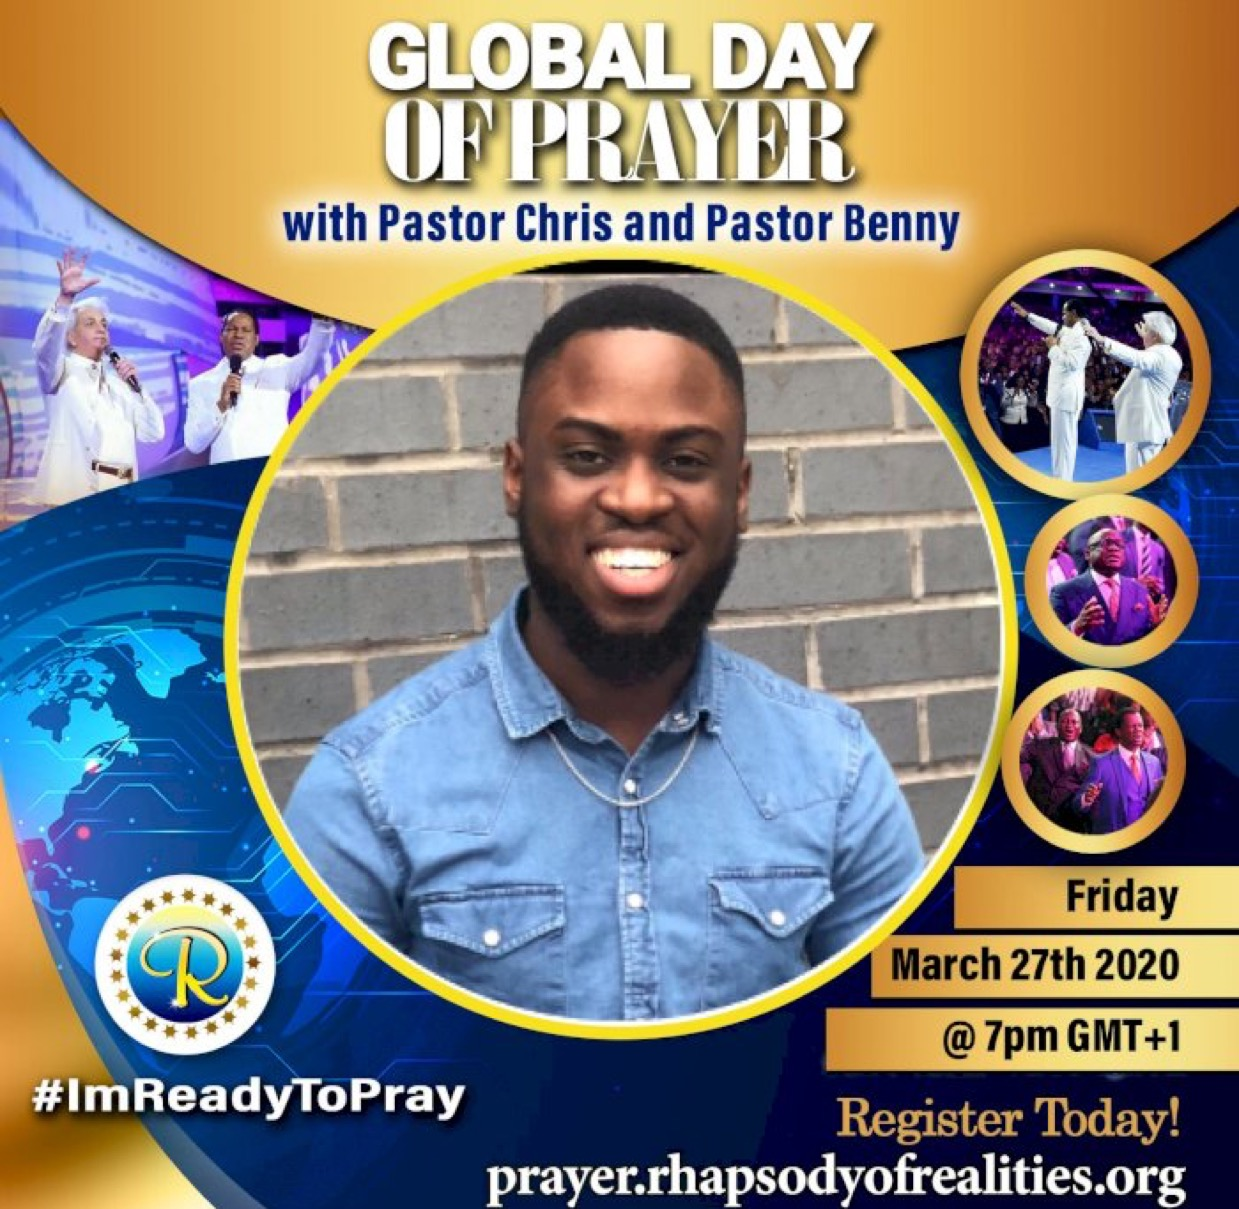 I'm ready! Are you? #GlobalDayOfPrayer